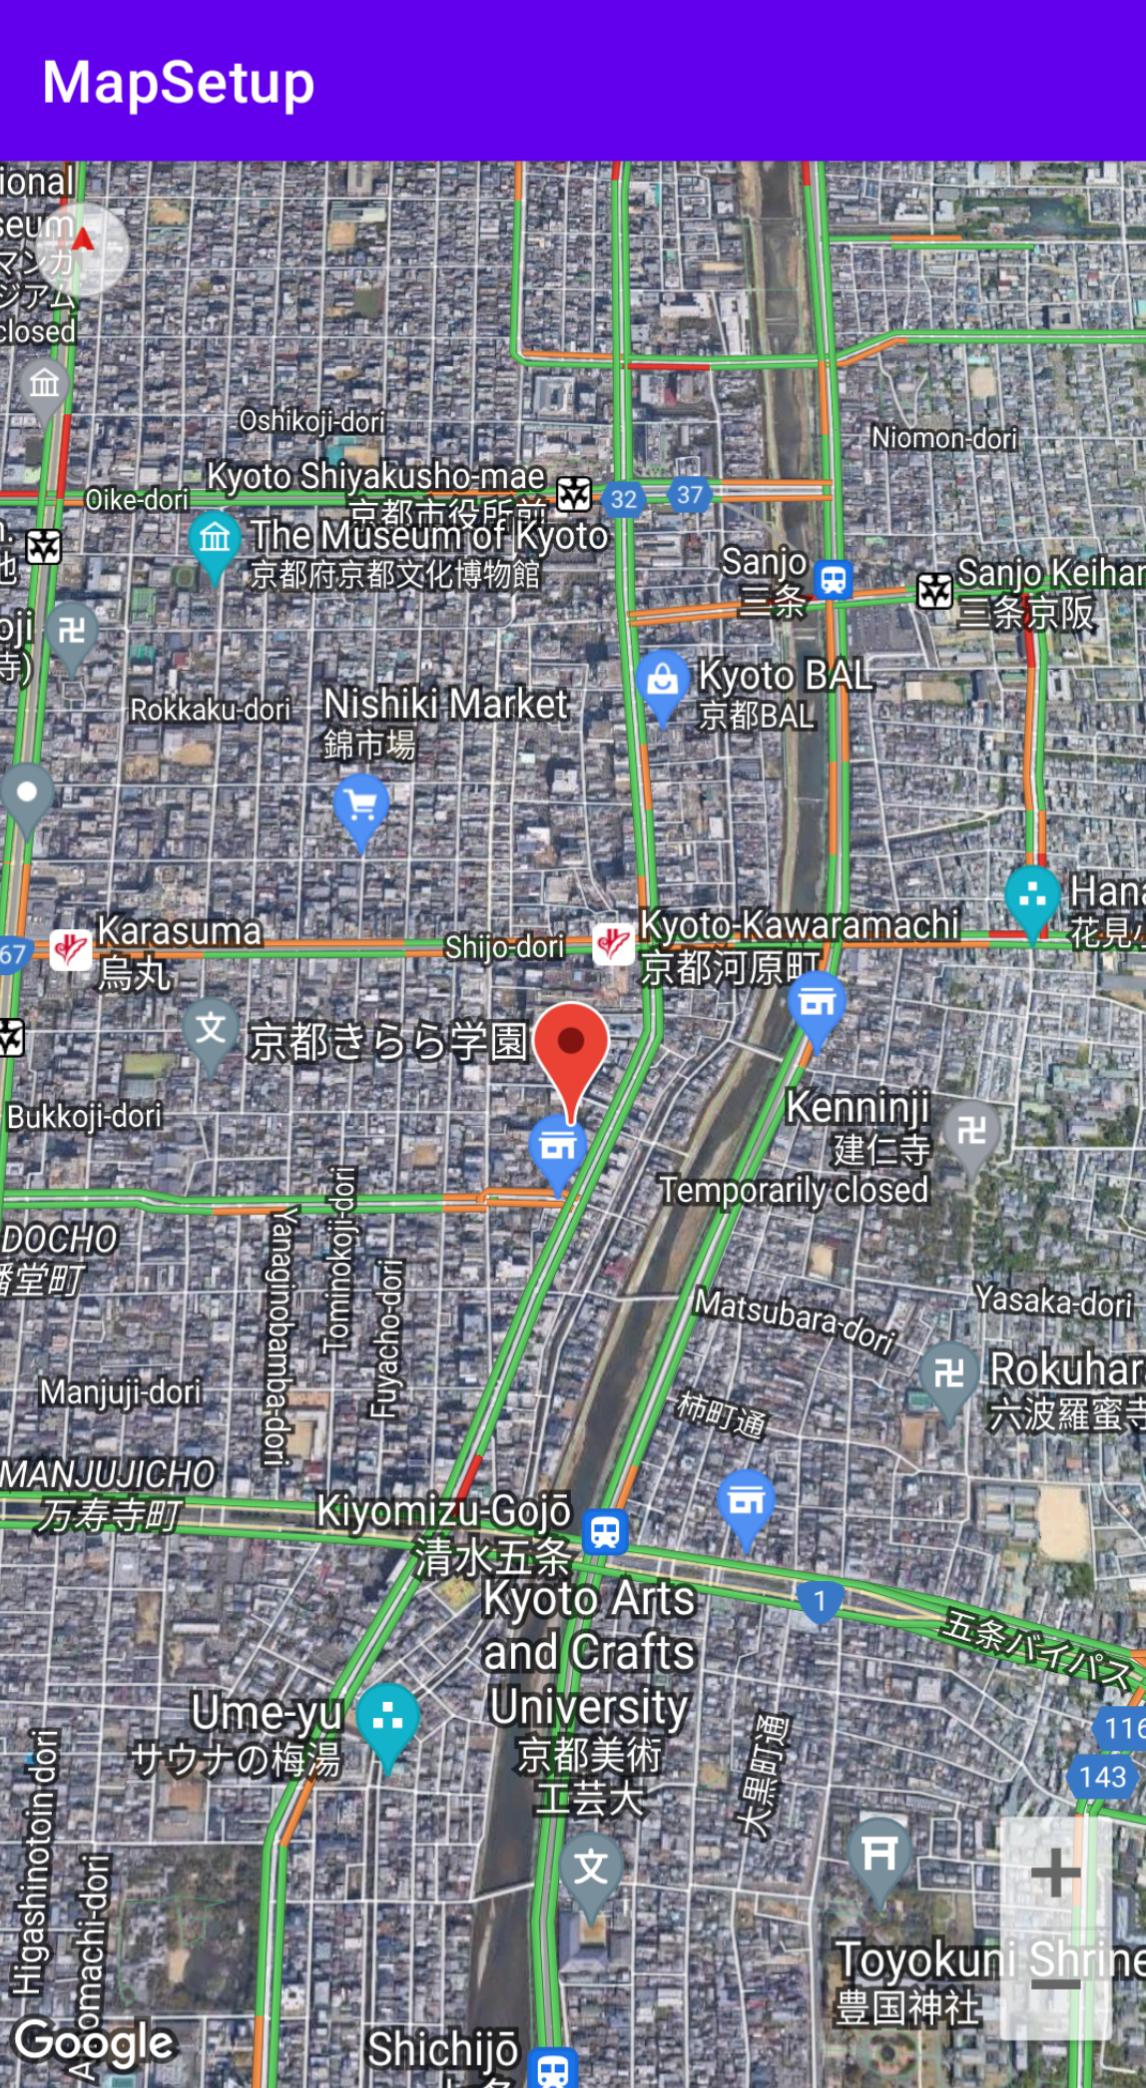 設定が適用されている京都の地図のスクリーンショット。